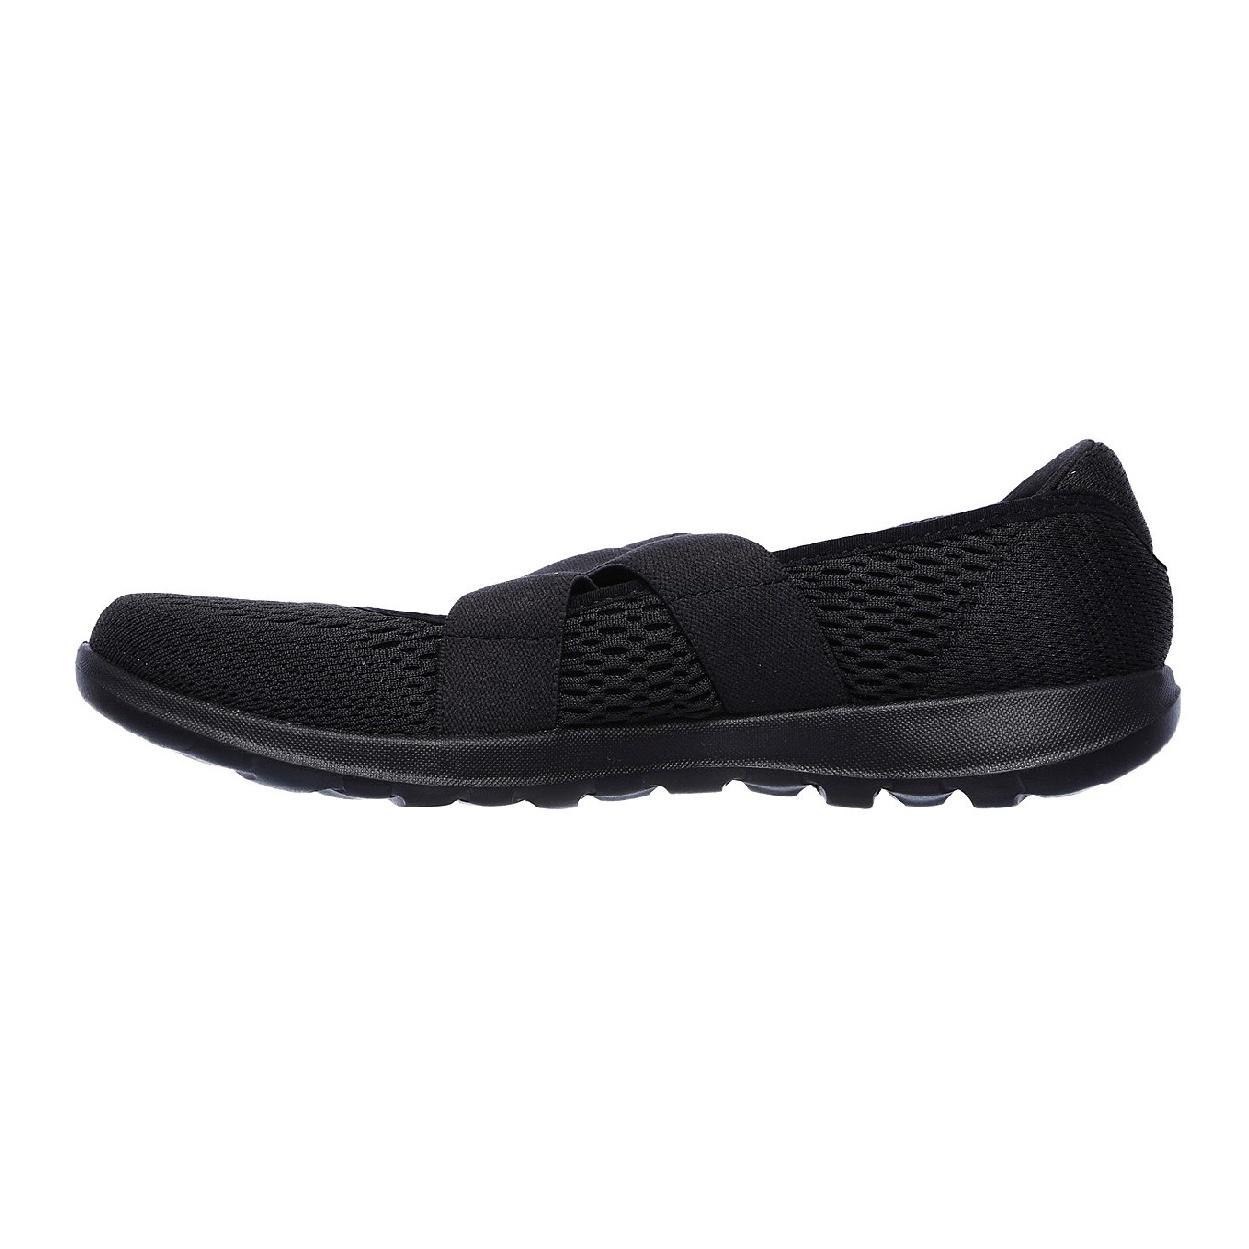 کفش مخصوص پیاده روی زنانه اسکچرز مدل 15407BBK